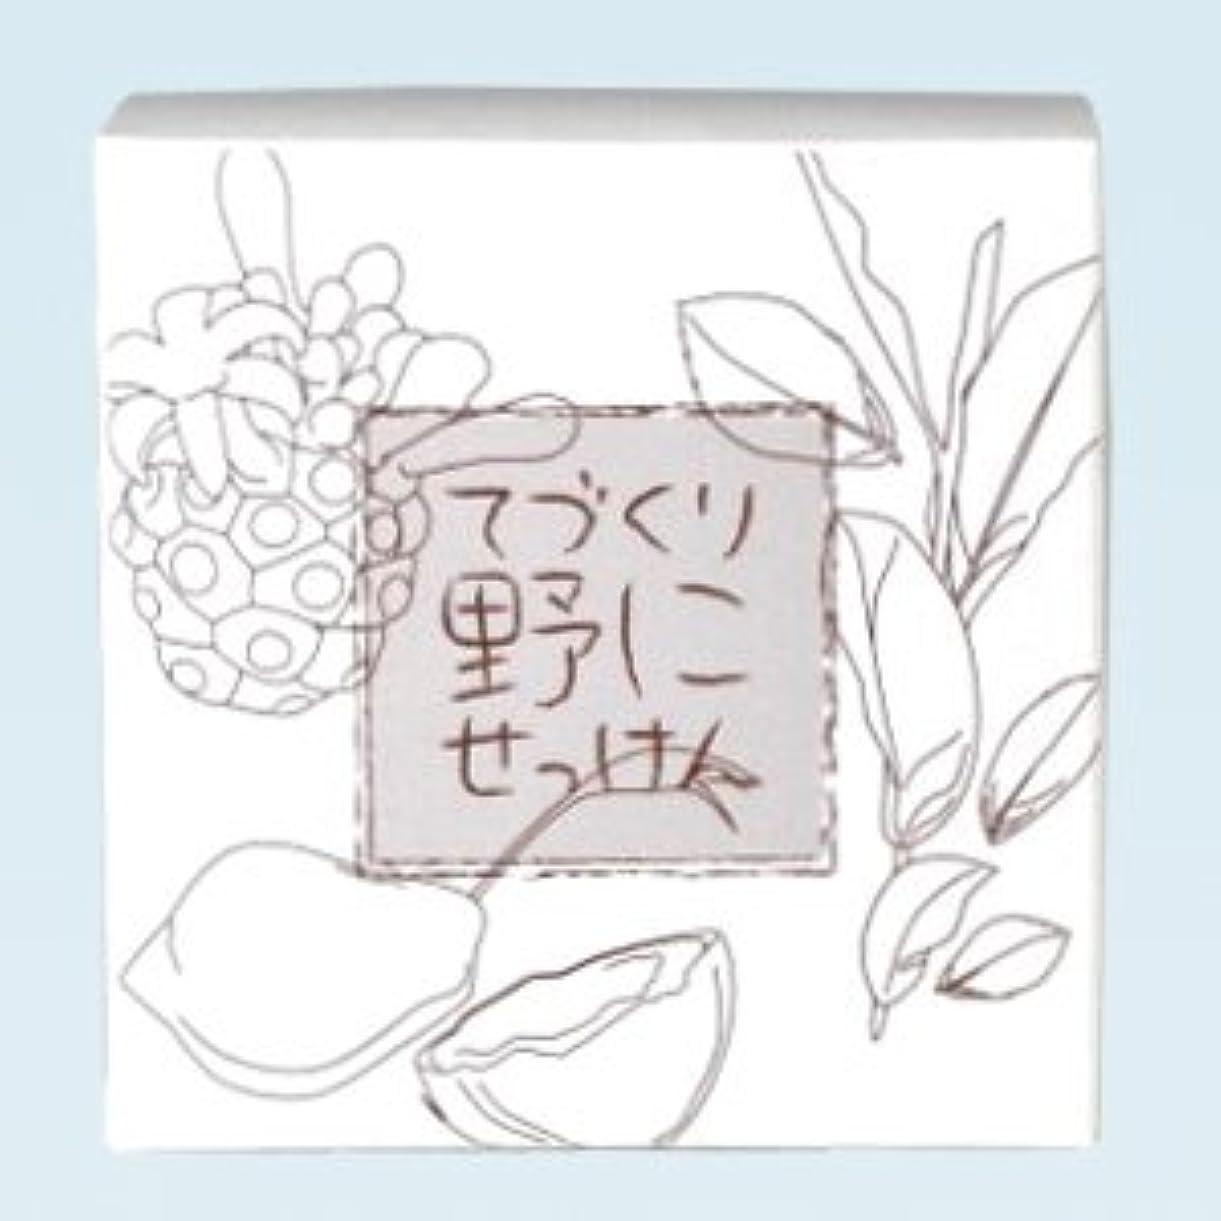 本物欺く捕虜緑茶ノニ石鹸 てづくり野にせっけん(115g)